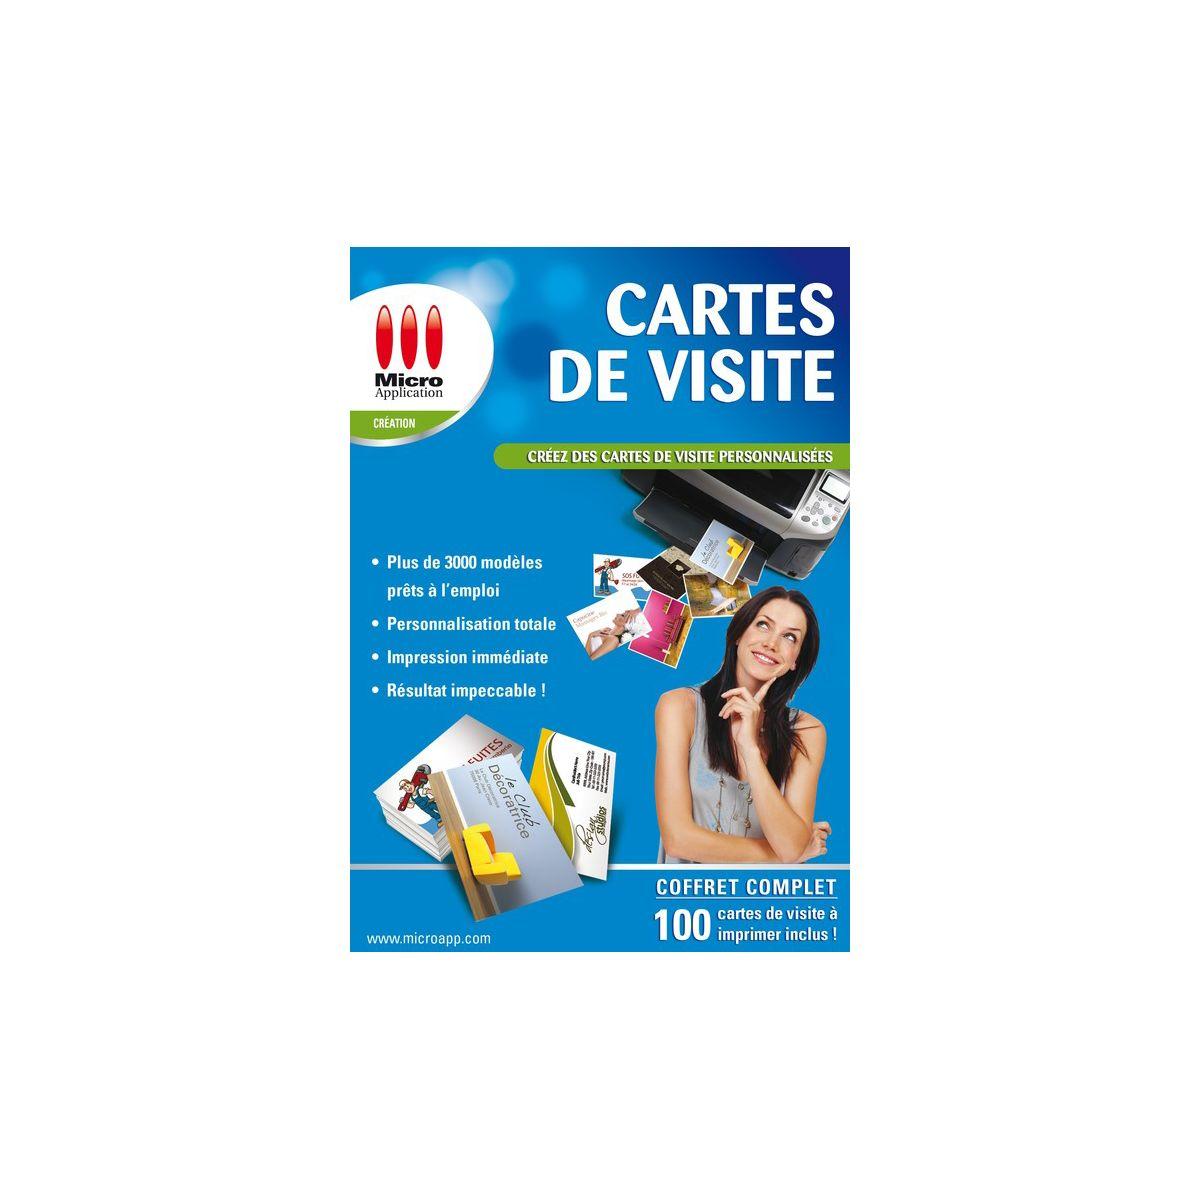 Logiciel pc micro application cartes de visite – livraison offerte : code livraison